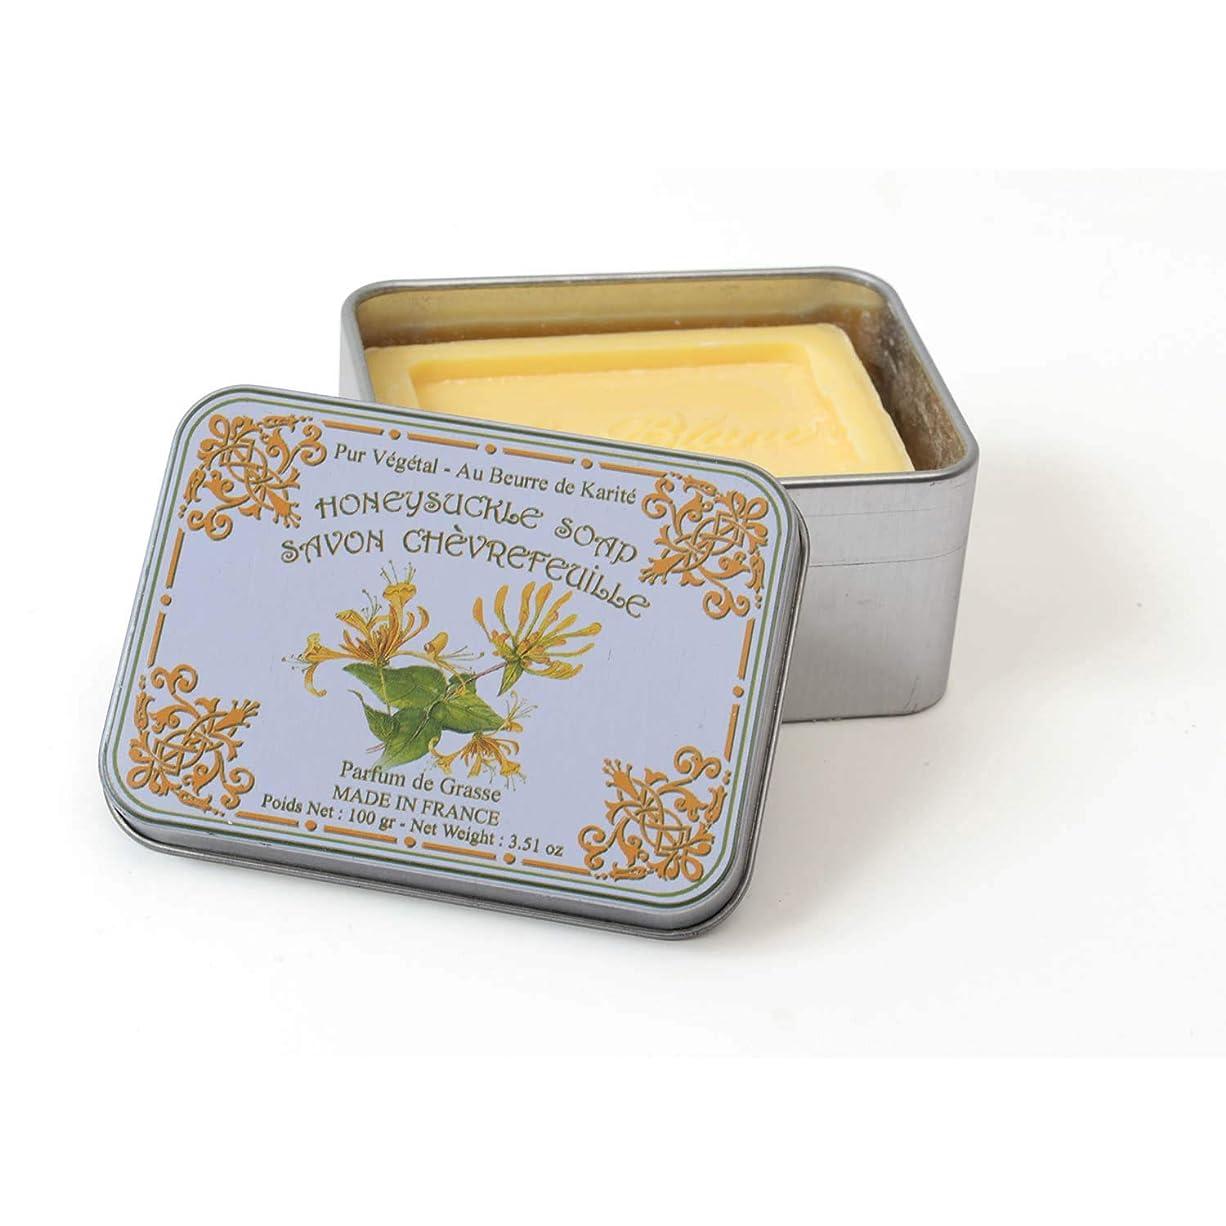 節約比較的普通にLe Blanc ルブランソープ スイカズラの香り